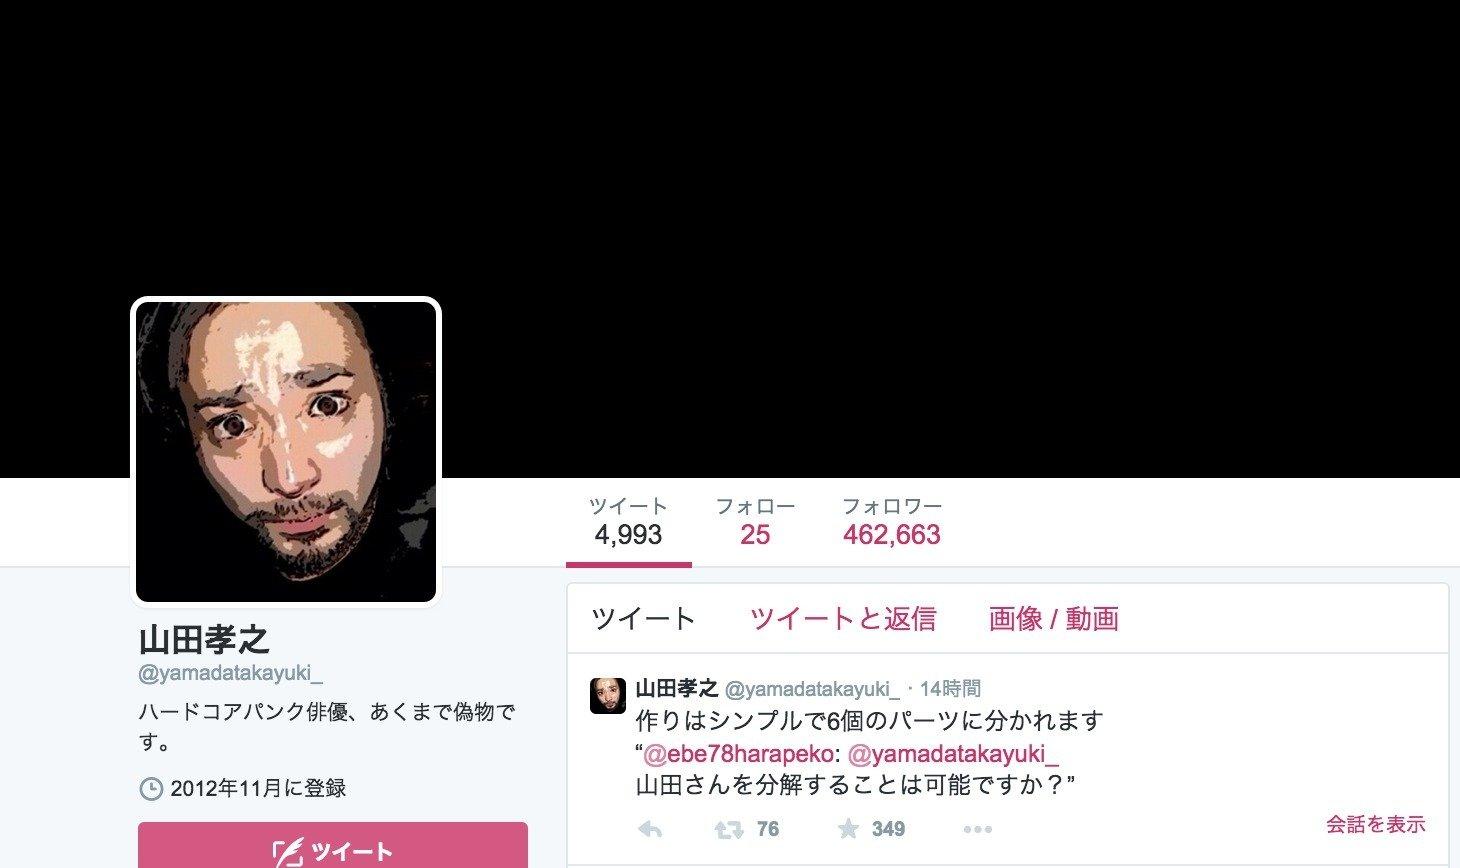 山田孝之 Twitter에 대한 이미지 검색결과